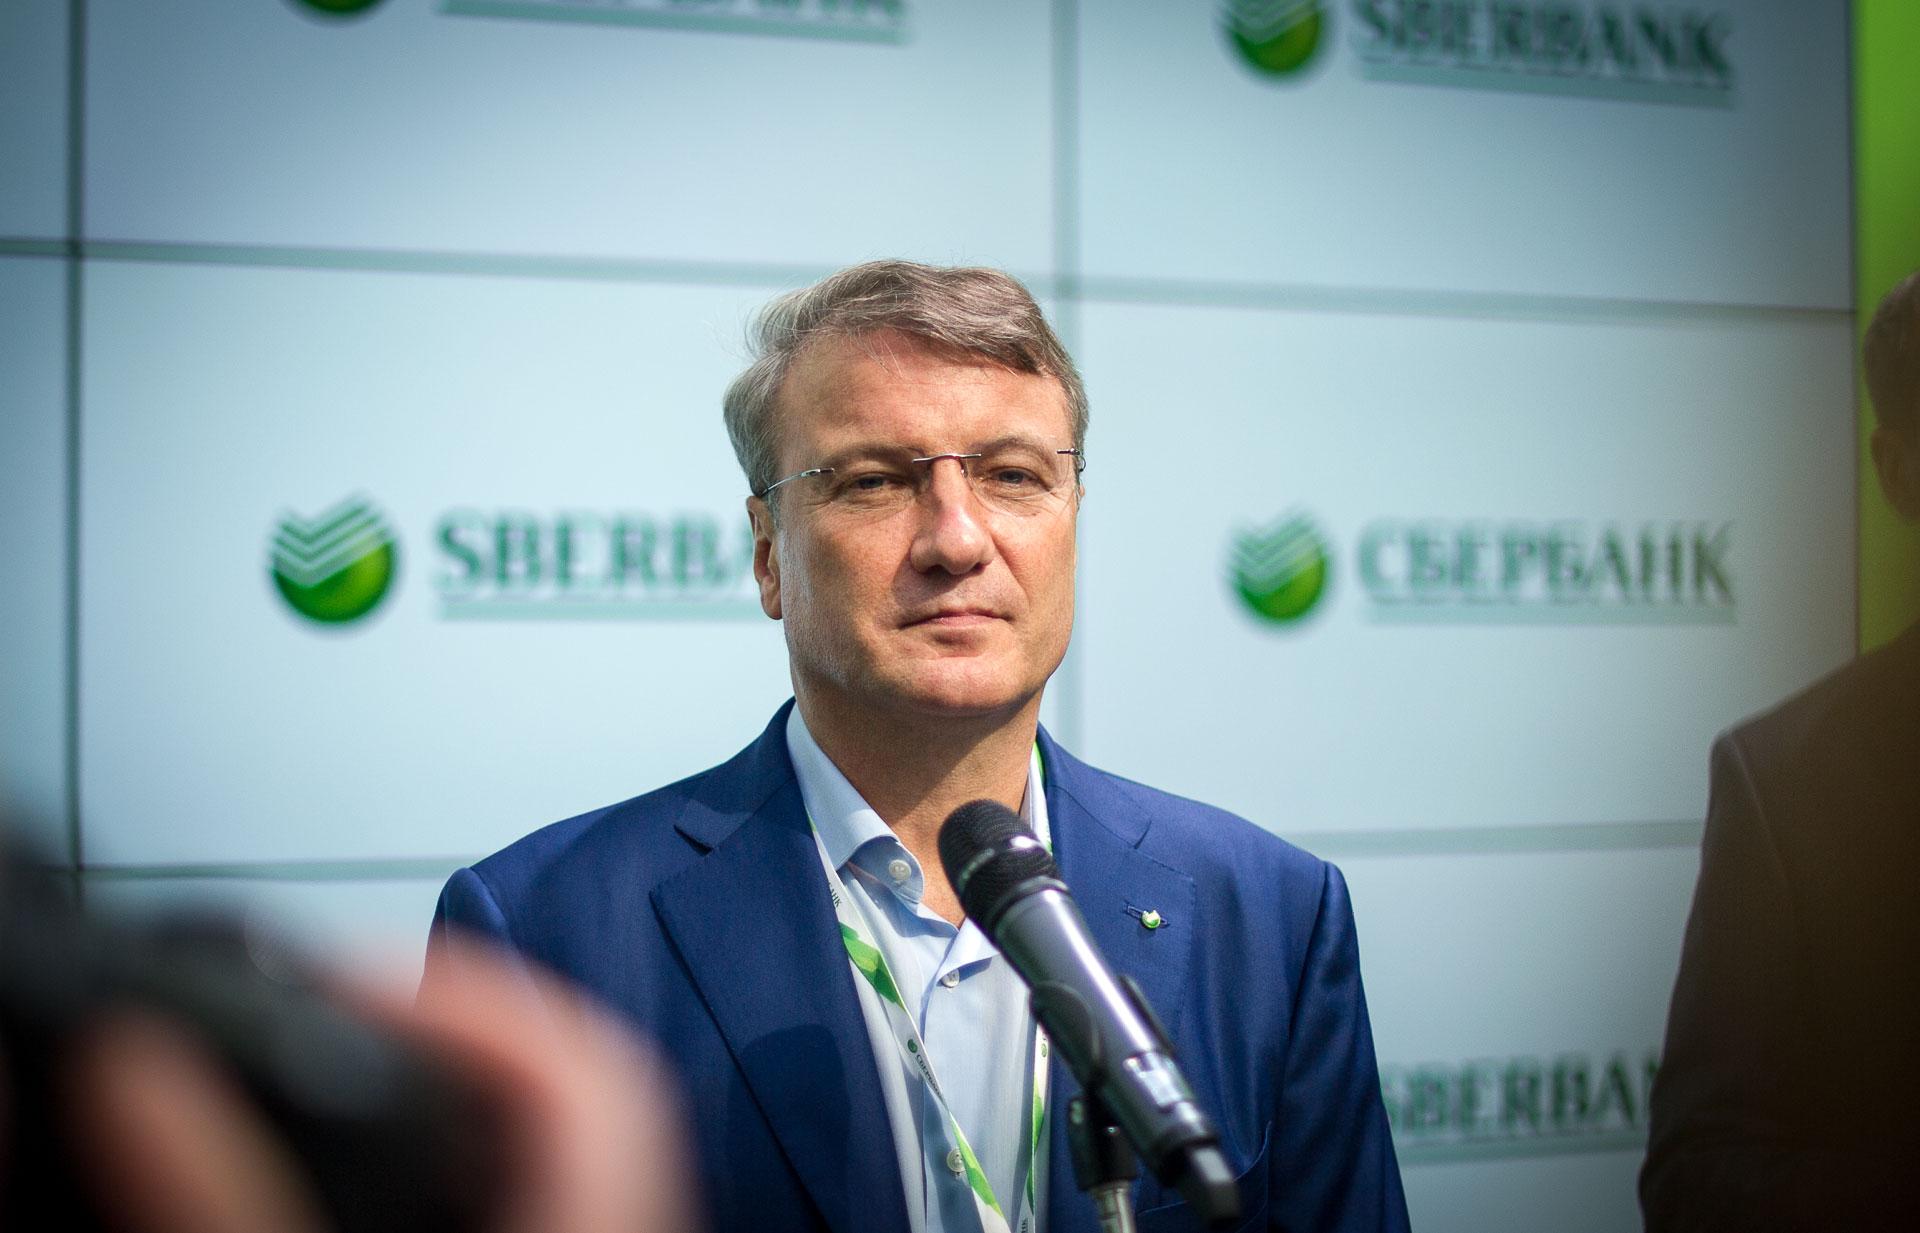 Герман Греф заявил о масштабном кризисе в банковской ...: http://klerk.ru/bank/news/433537